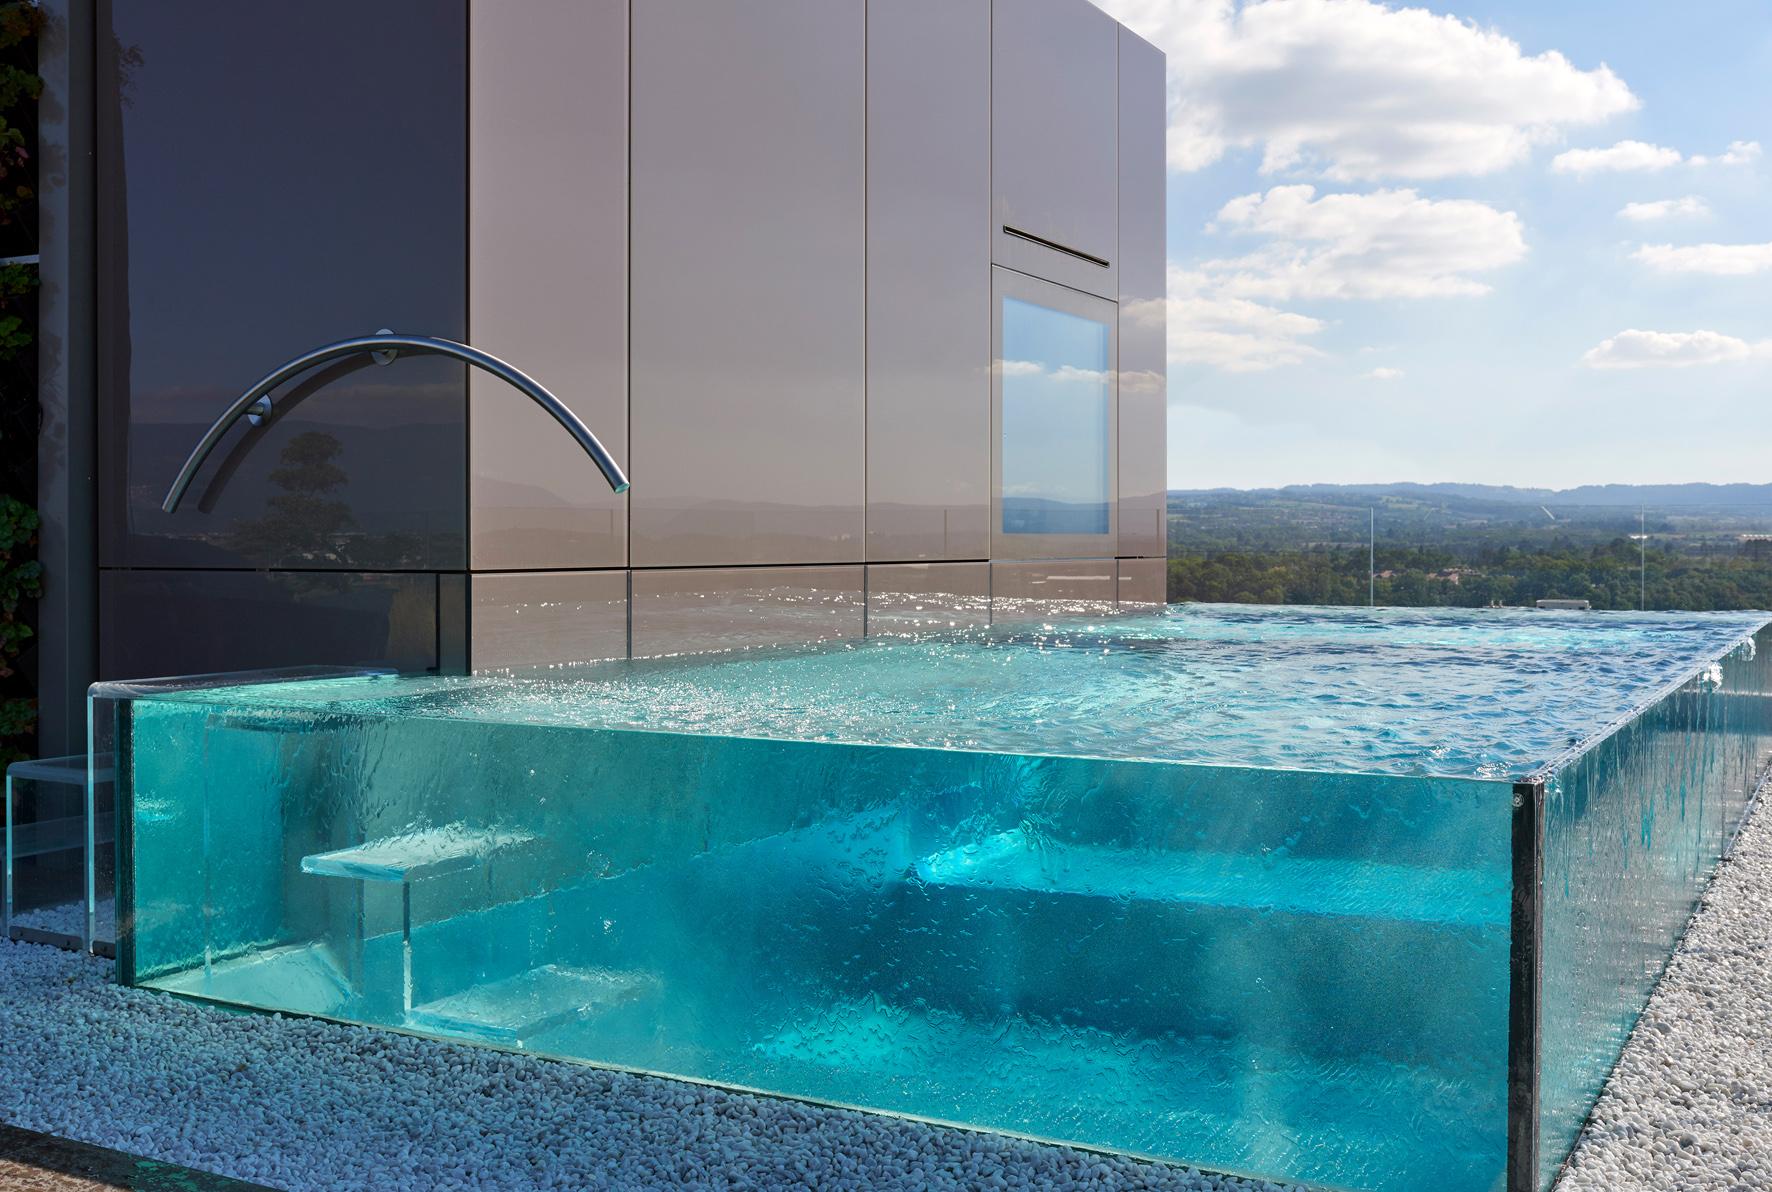 Piscine miroir en verre installée en Suisse lauréate des Trophées de la piscine 2018 catégorie piiscine installée à l'étranger